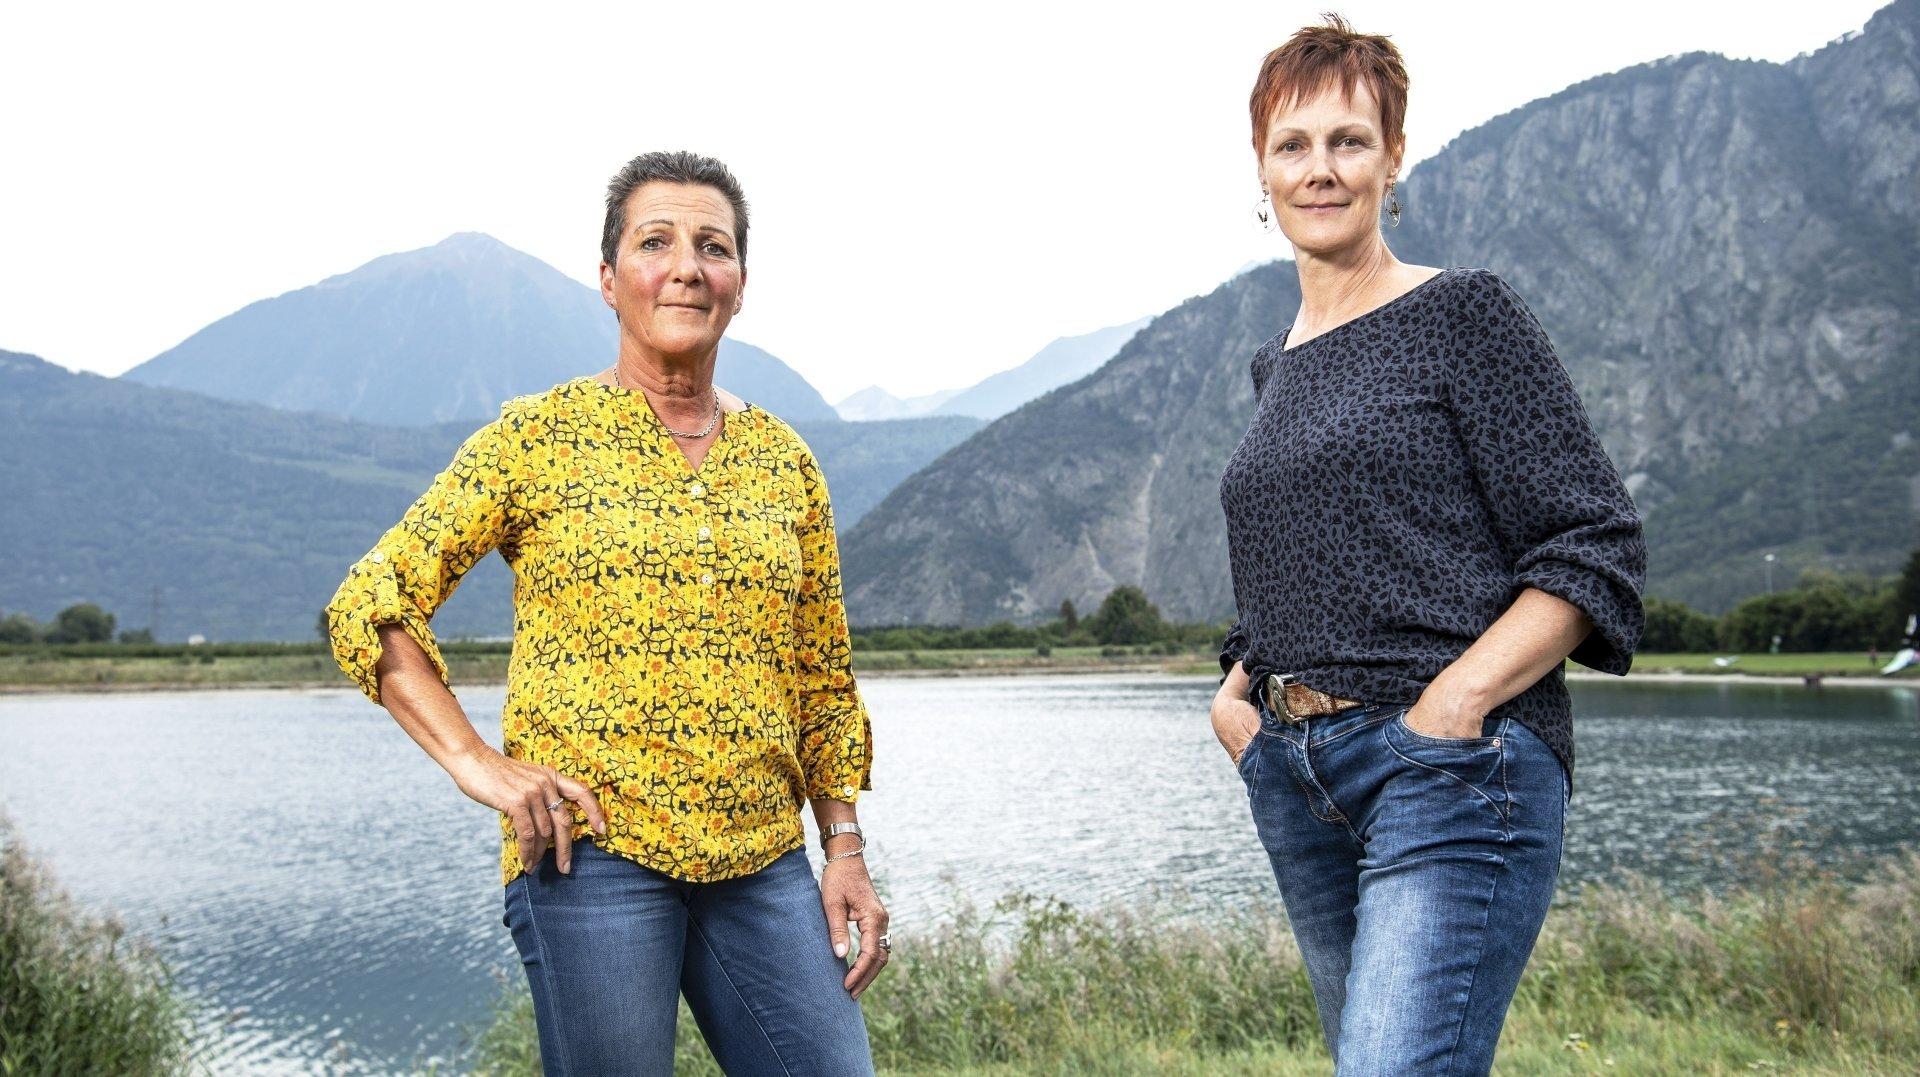 Roxane Frei et Raymonde Veuthey ont accepté de témoigner à visage découvert, même si elles sont conscientes qu'afficher ouvertement un refus du vaccin peut susciter des réactions violentes.